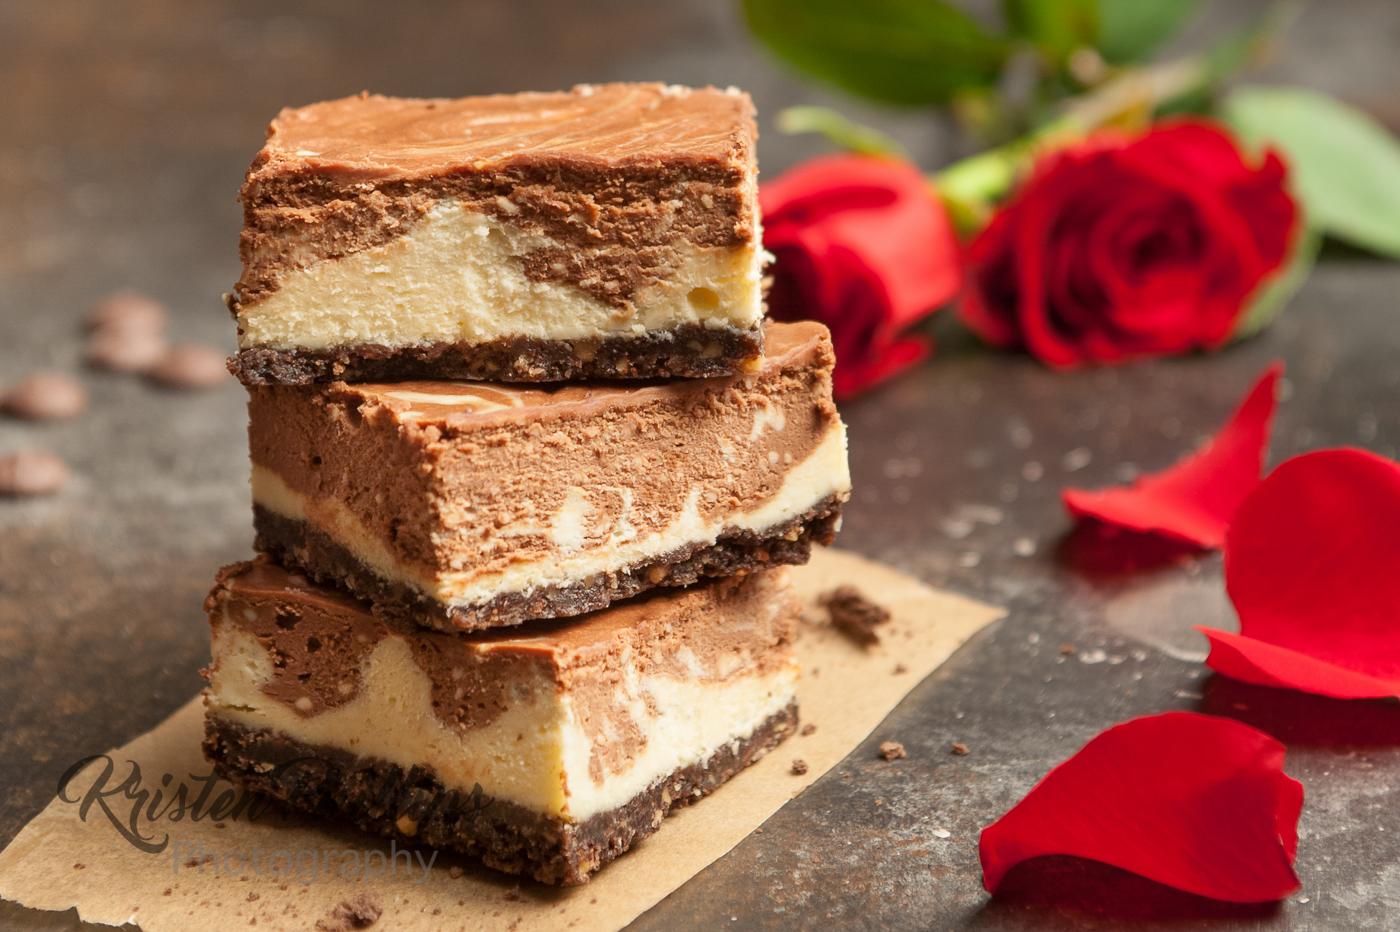 P-Phillips-Kristen-Choco Cheesecake Hearts-150-.jpg